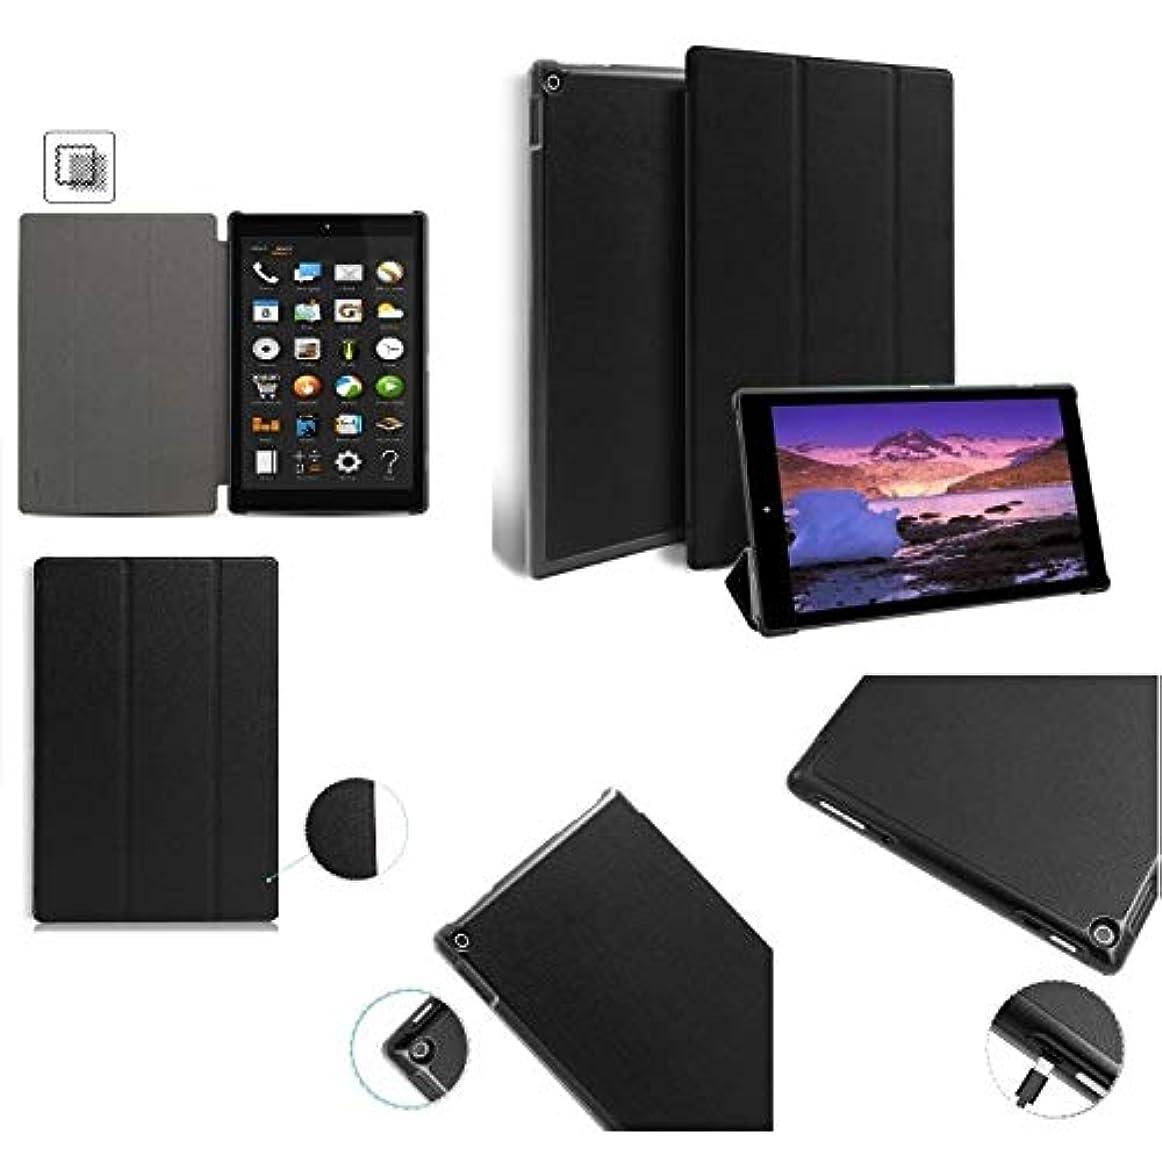 マインドフィッティングオートメーションwindykids Lenovo Tab E10 ケース TB-X104F カバー 黒 ZA470071JP Android Go Edition タブレット 3点セット 保護フィルム タッチペン おまけ フィルム スタンドケース スタンド レノボ 10.1インチ Tab-E10(TB-X104F),黒(3set) Tab-E10(TB-X104F),黒(3set)